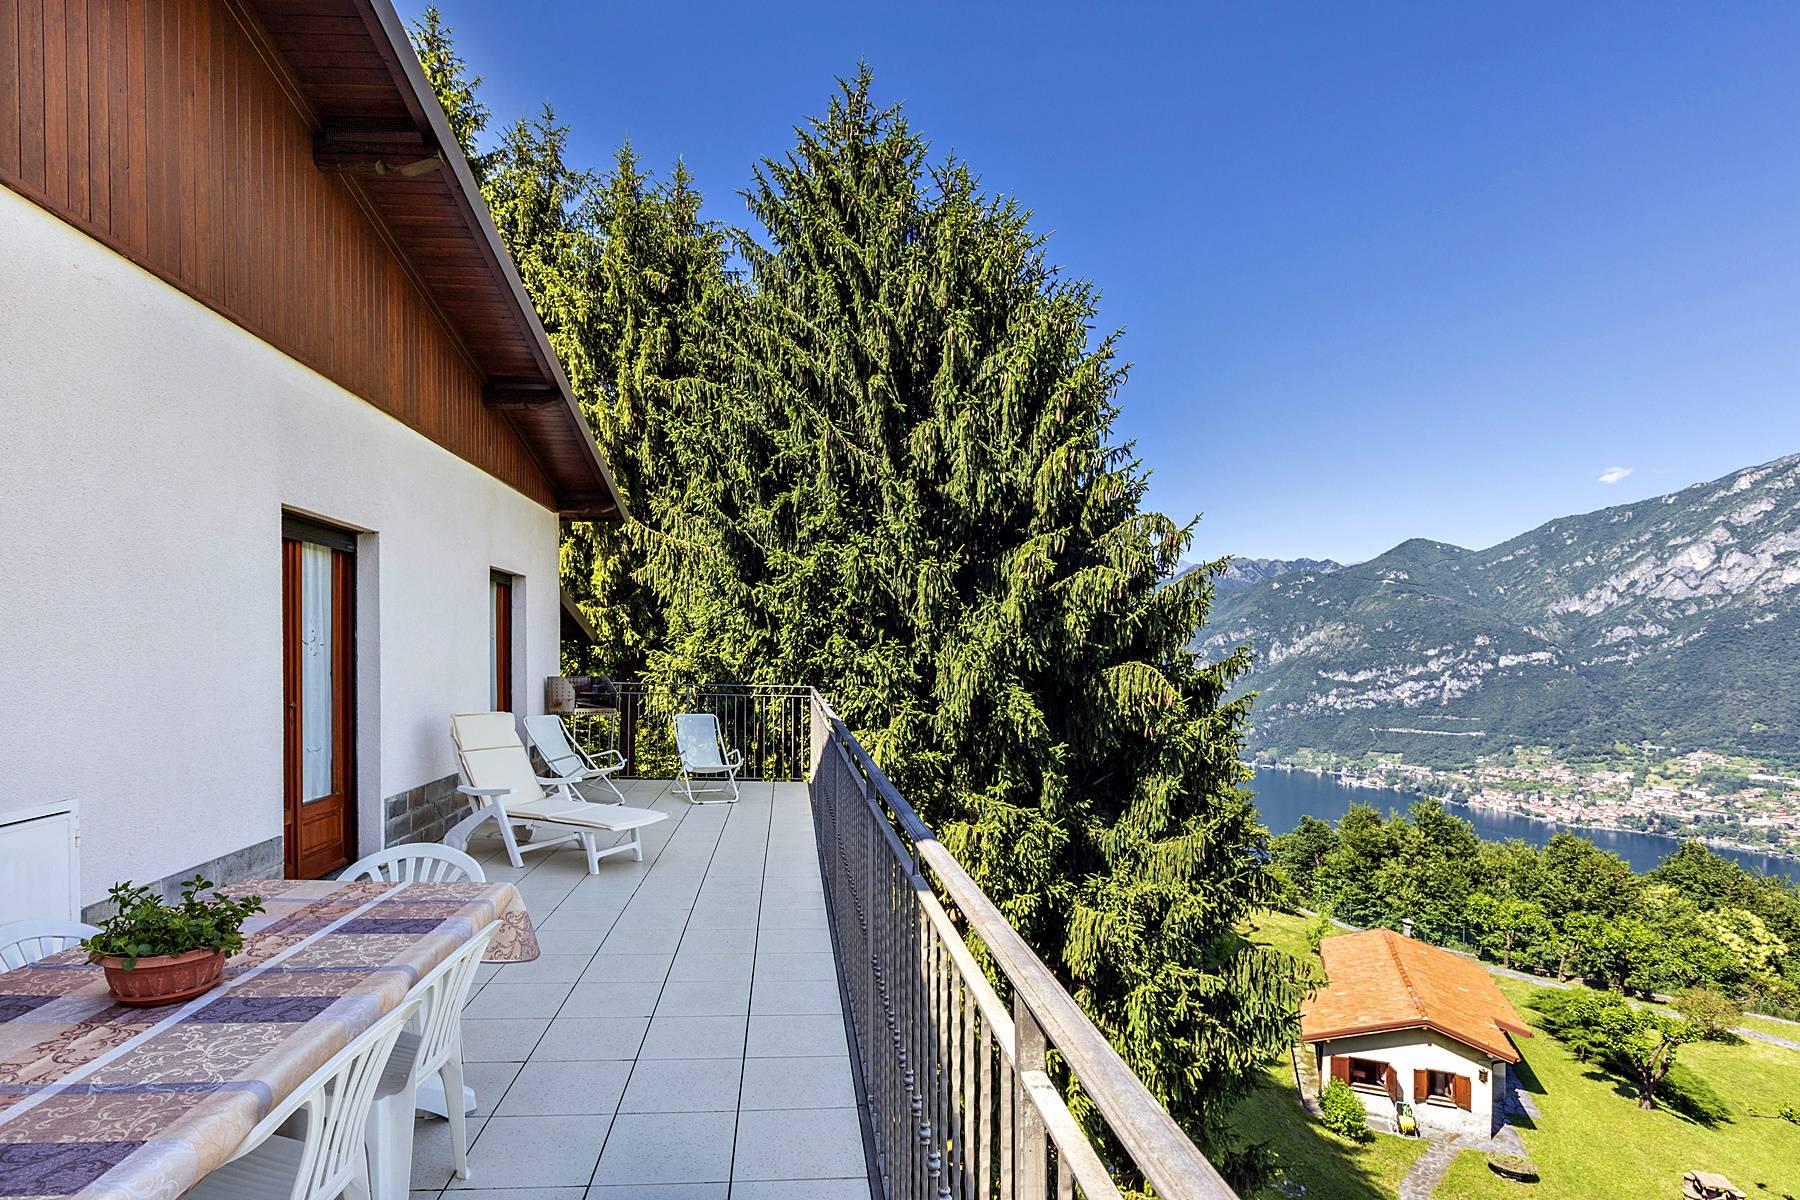 Villa in Vendita a Civenna: 5 locali, 278 mq - Foto 2